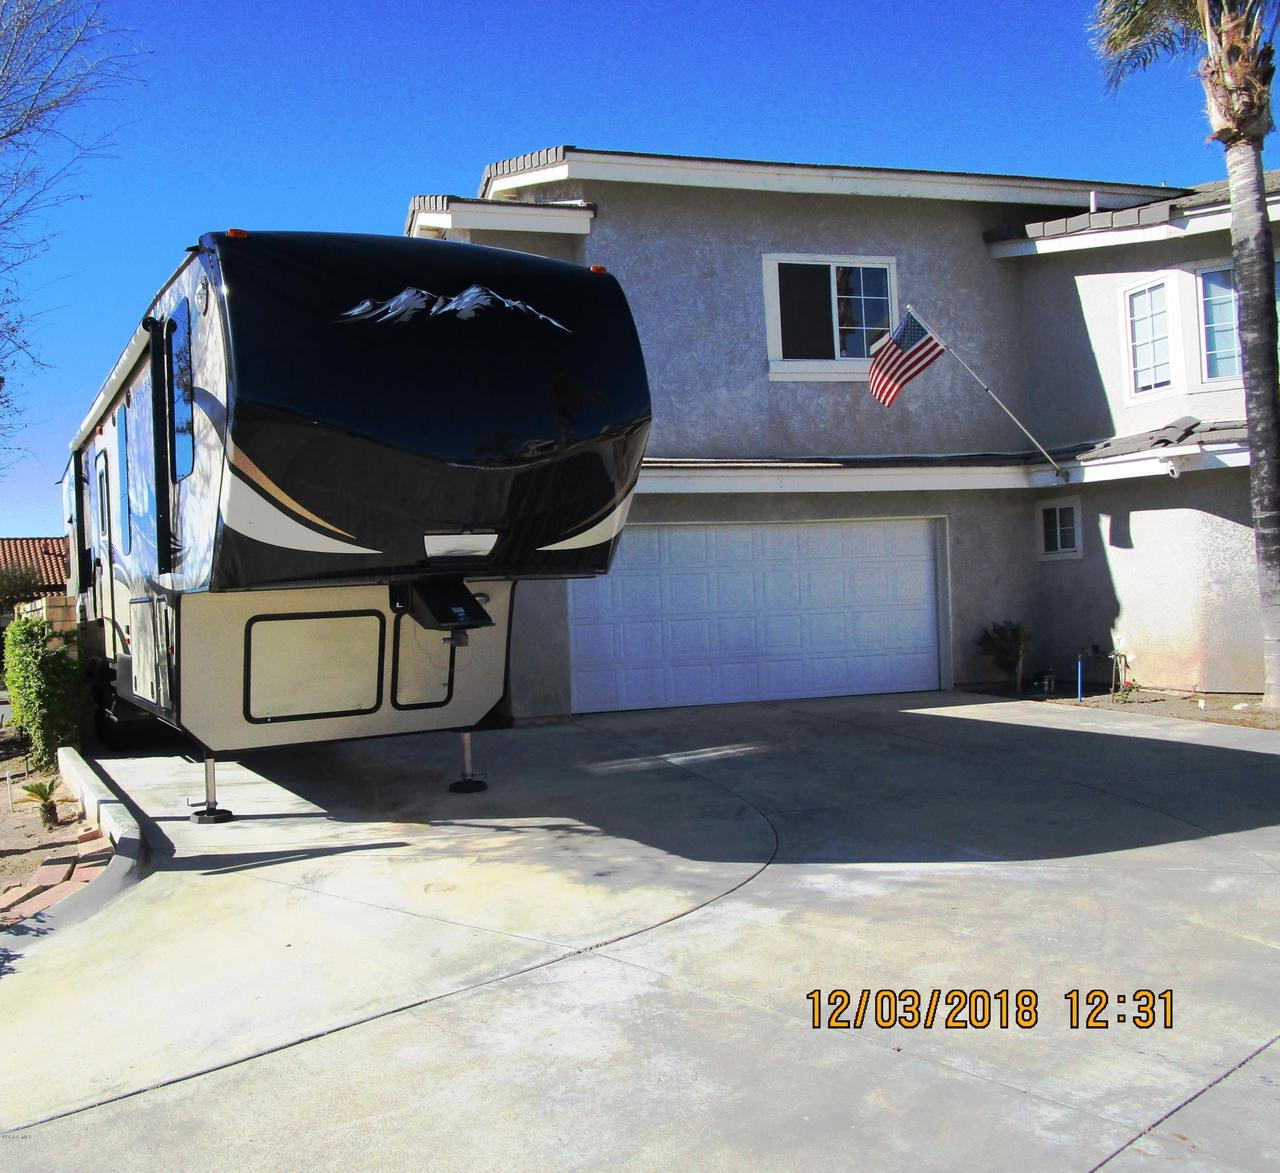 1063 MEADOWLARK, Fillmore, CA 93015 - rv parking